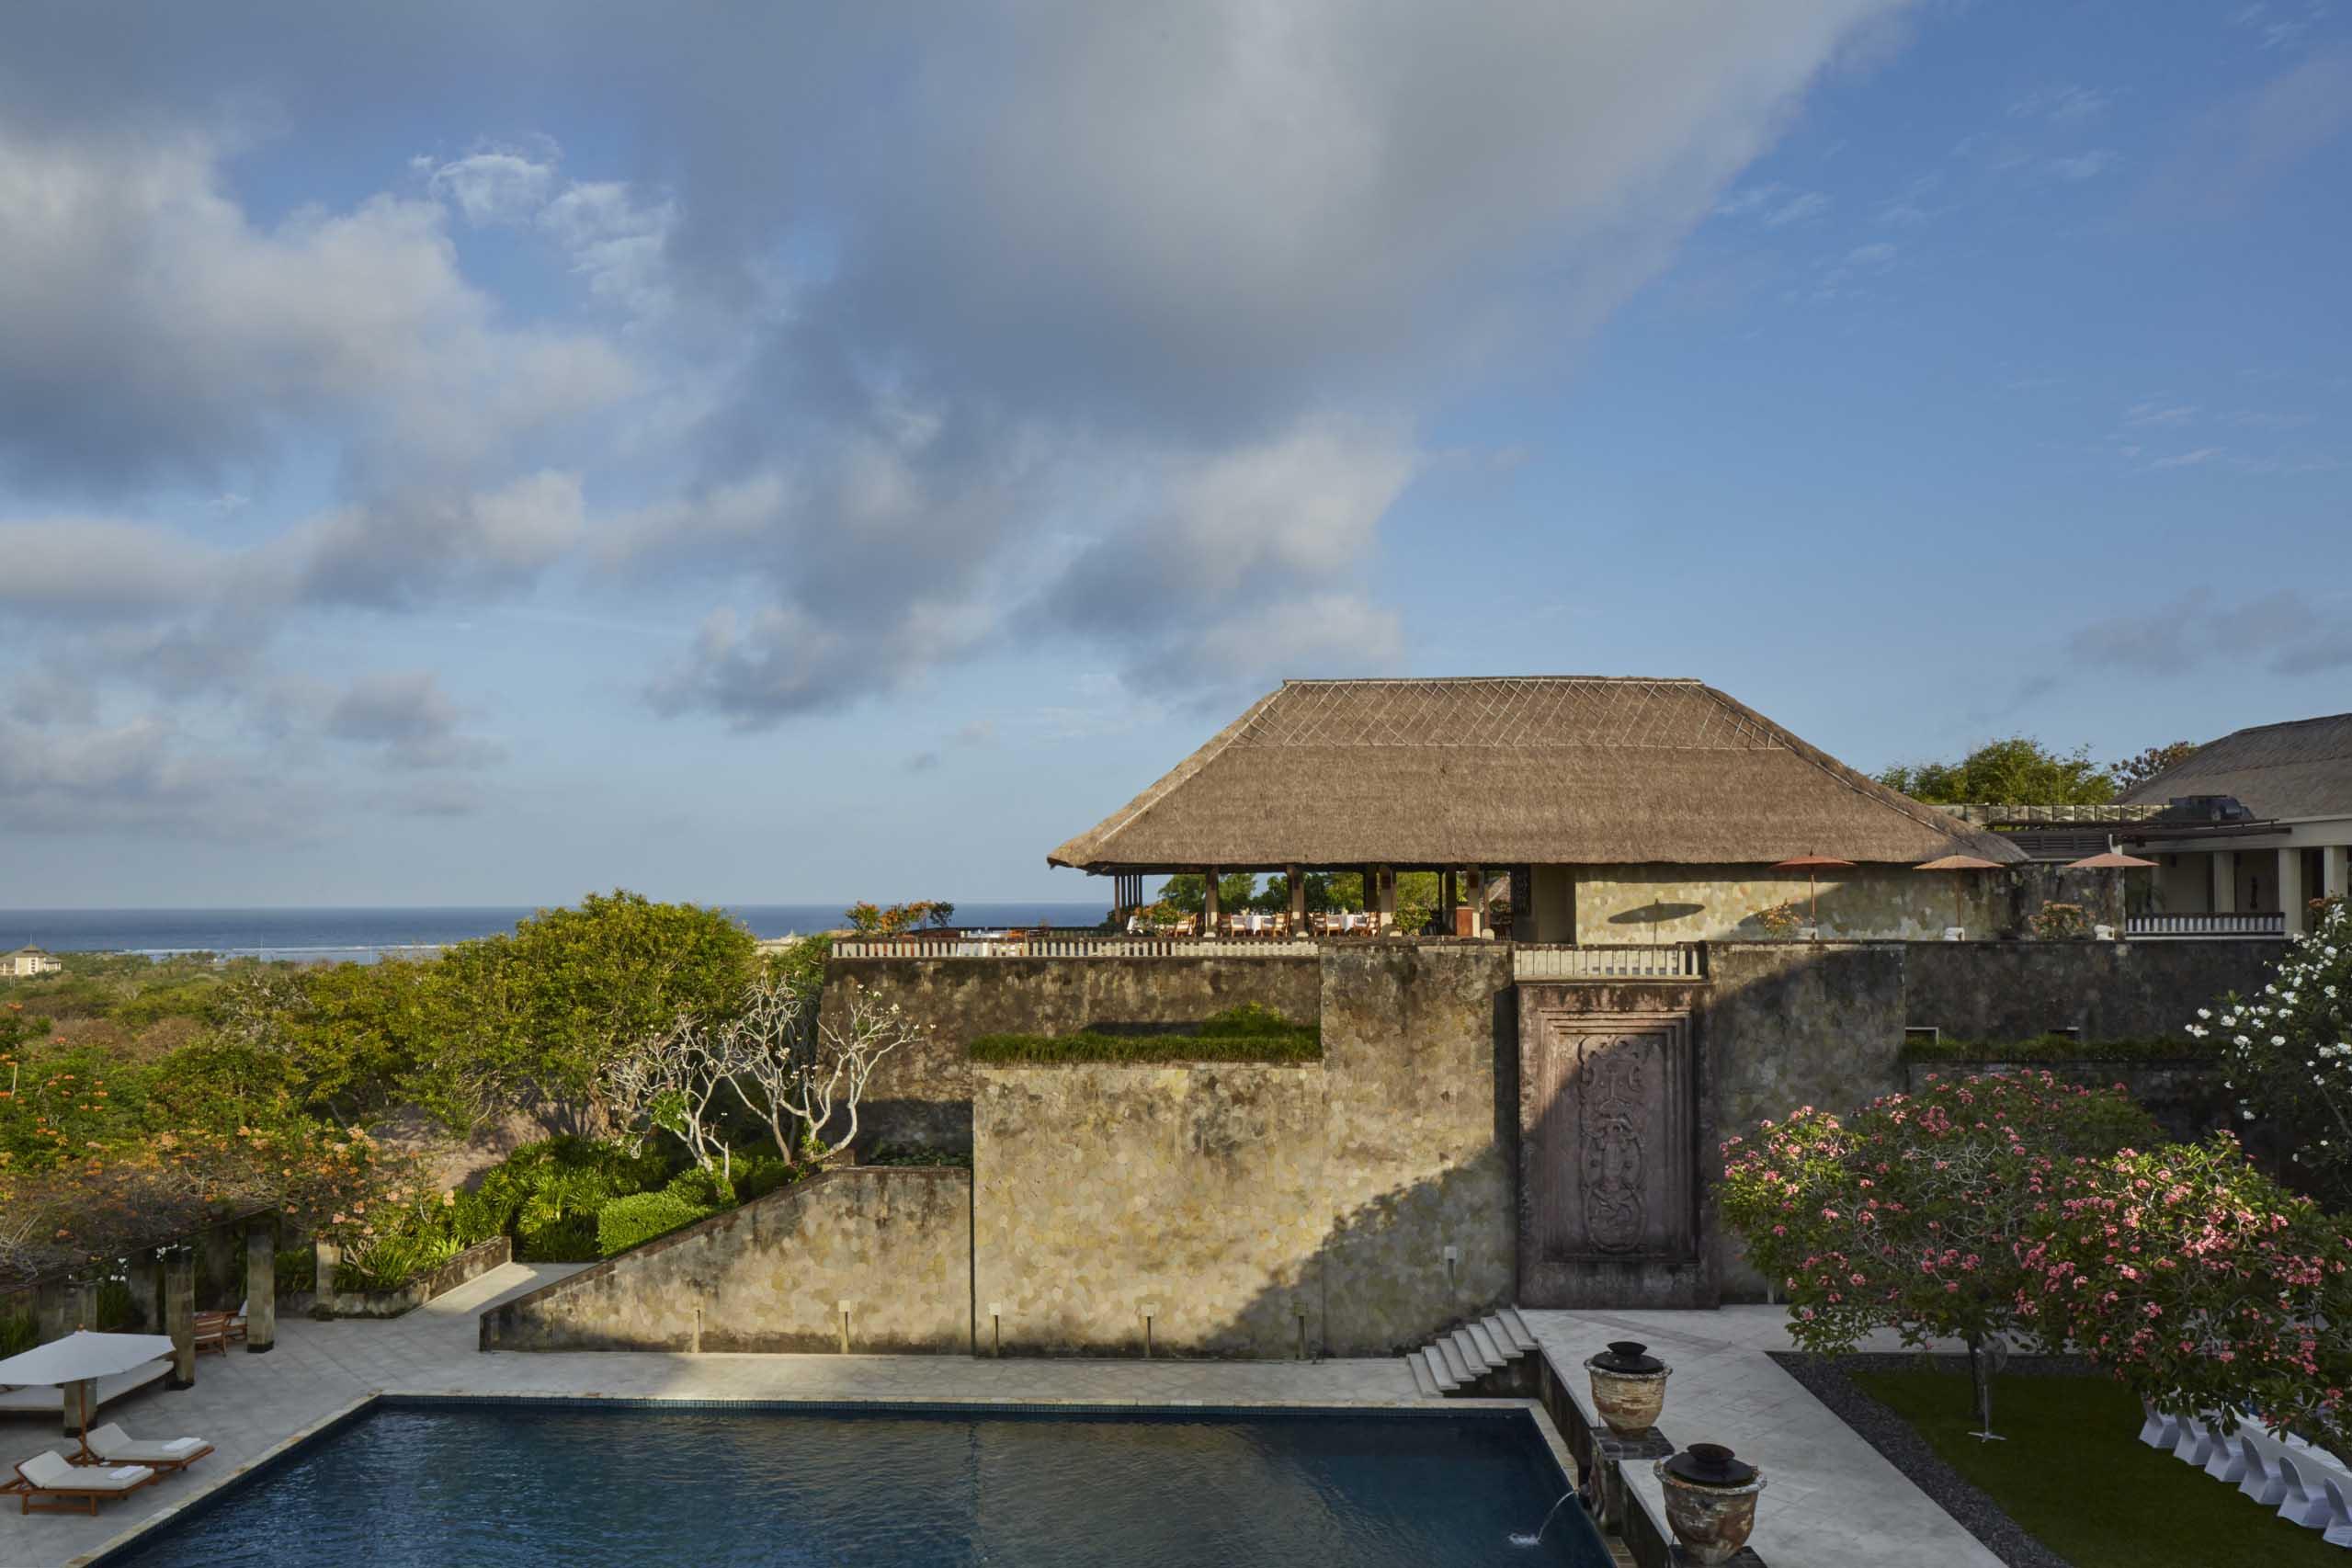 巴厘岛安缦努萨杜瓦别墅<br/>Aman Villas at Nusa Dua